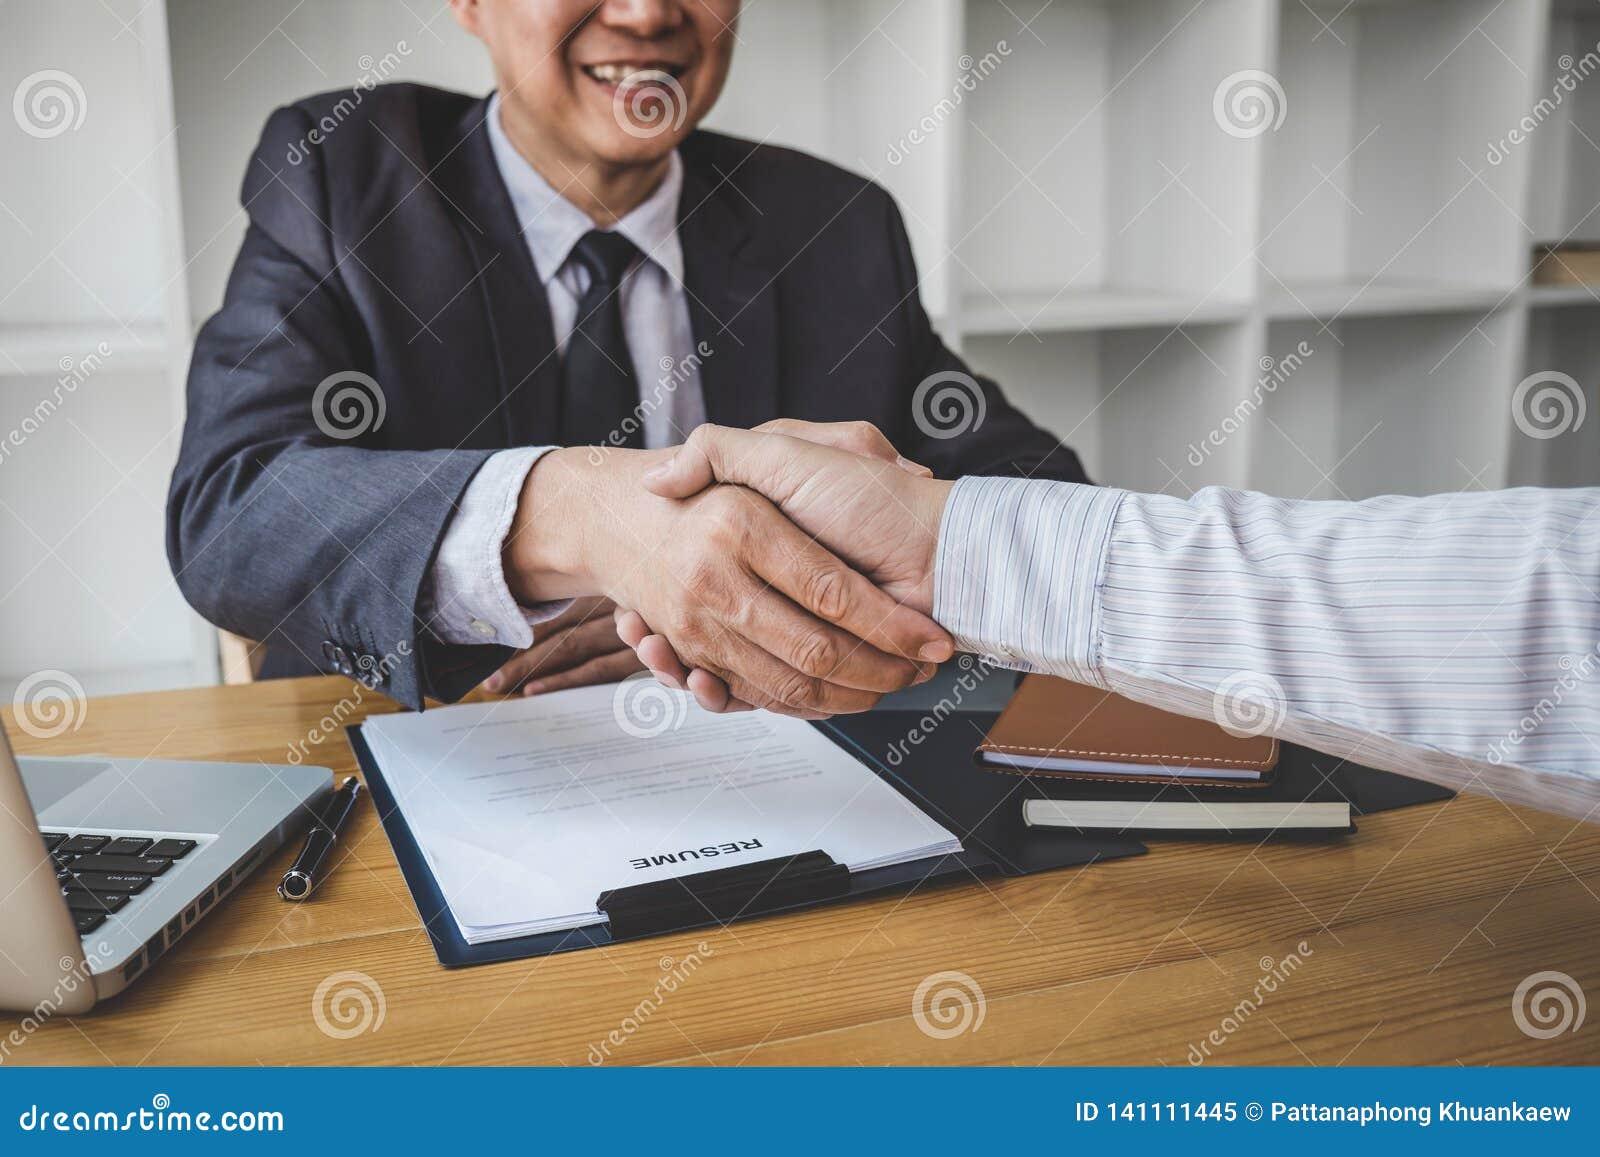 Hälsa nya kollegor, handskakningen medan jobb som intervjuar, den manliga kandidaten som skakar händer med intervjuaren eller arb